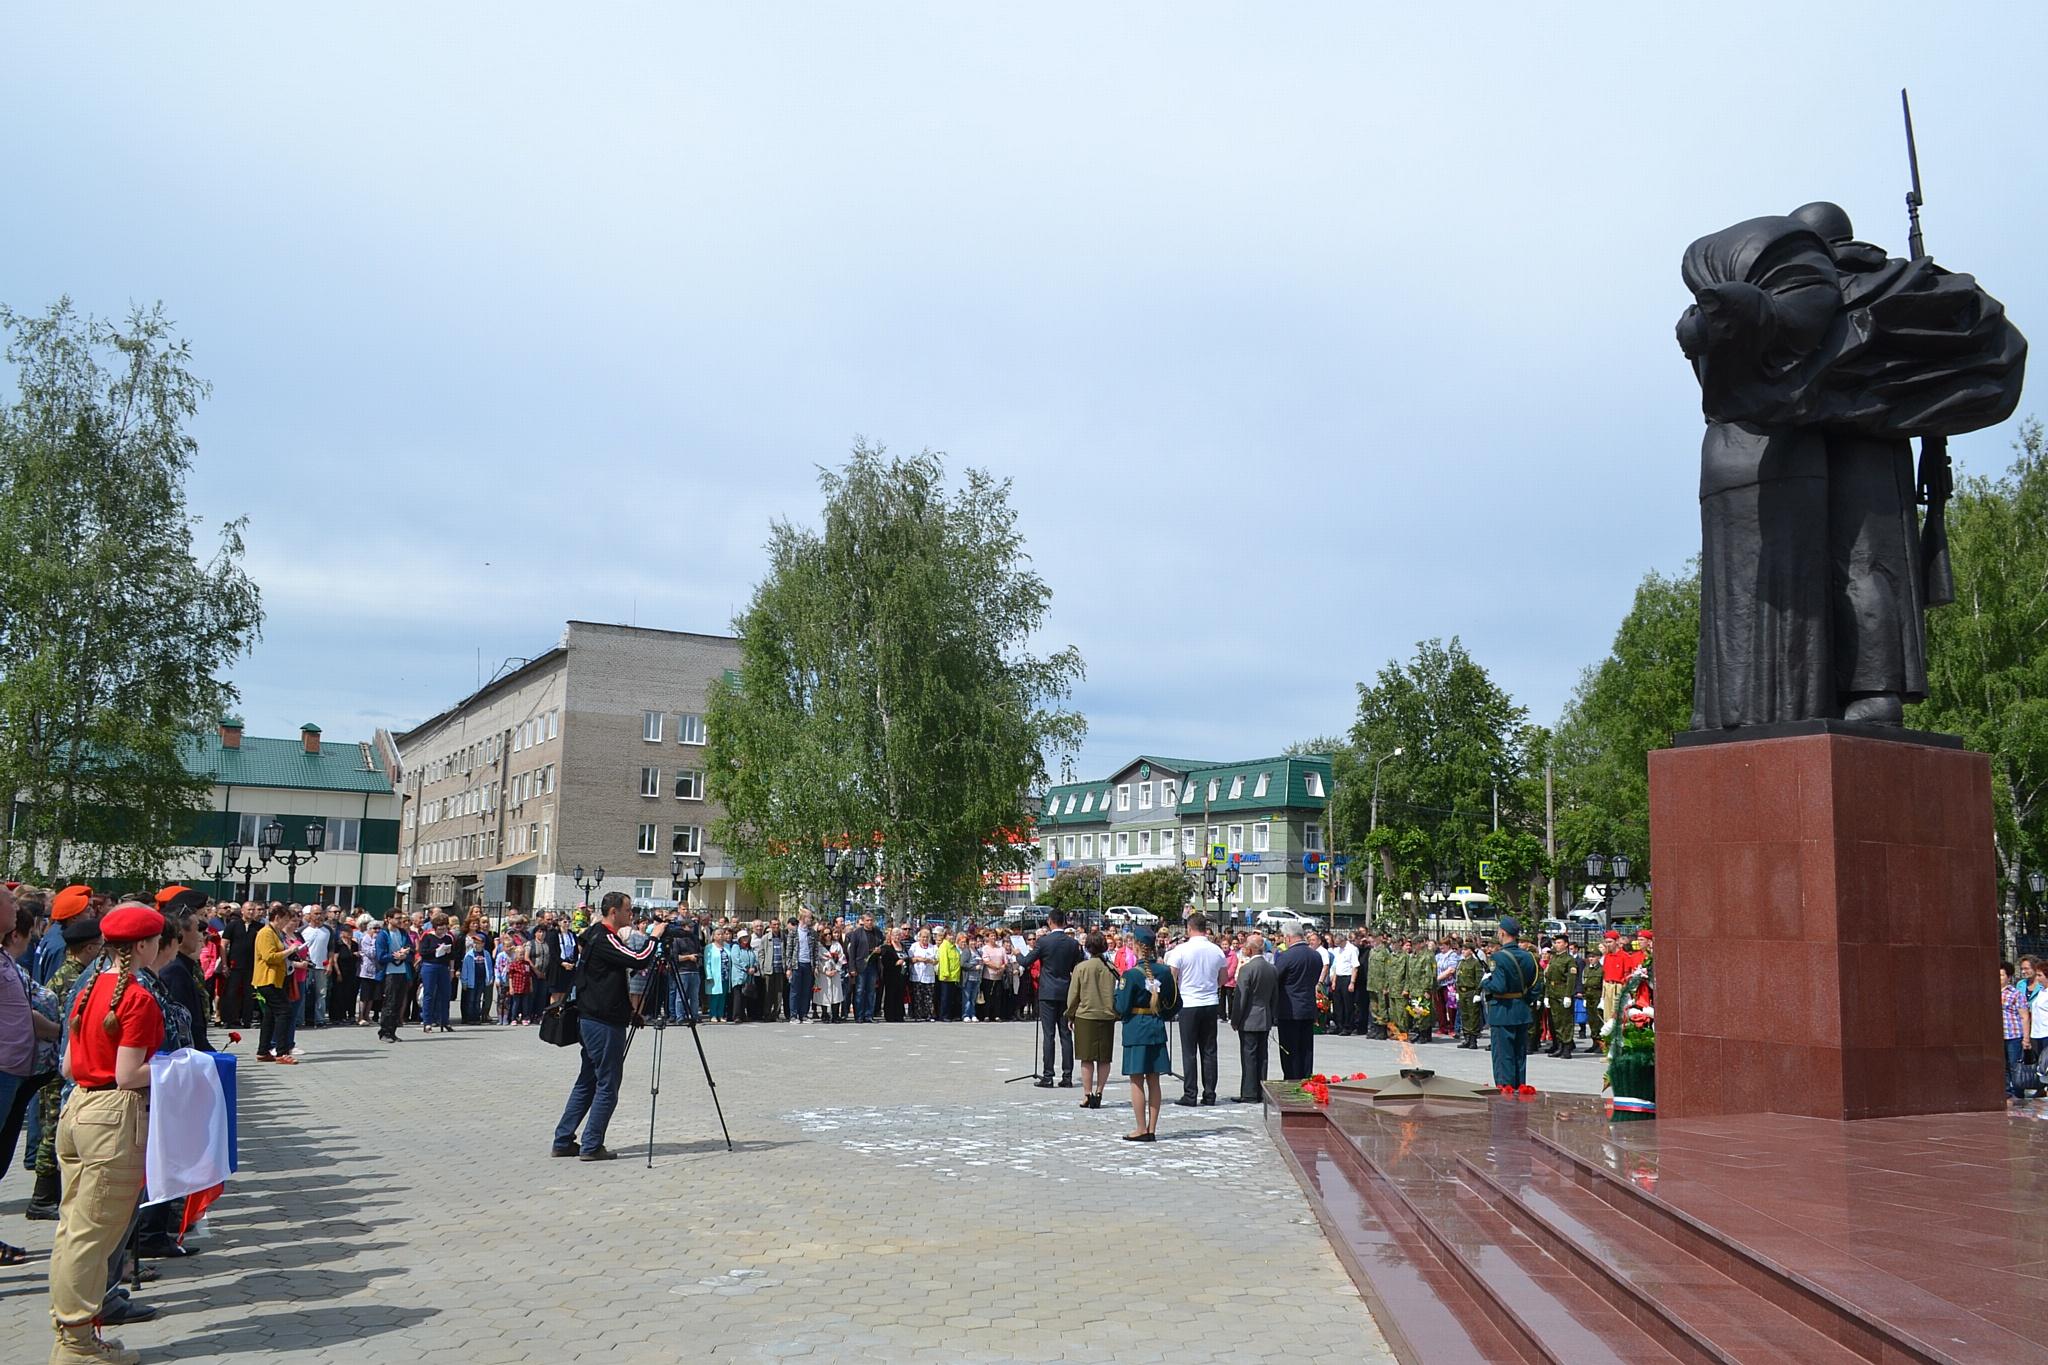 22 июня 2019 г. в г. Серове состоялся митинг, посвященный Дню памяти и скорби